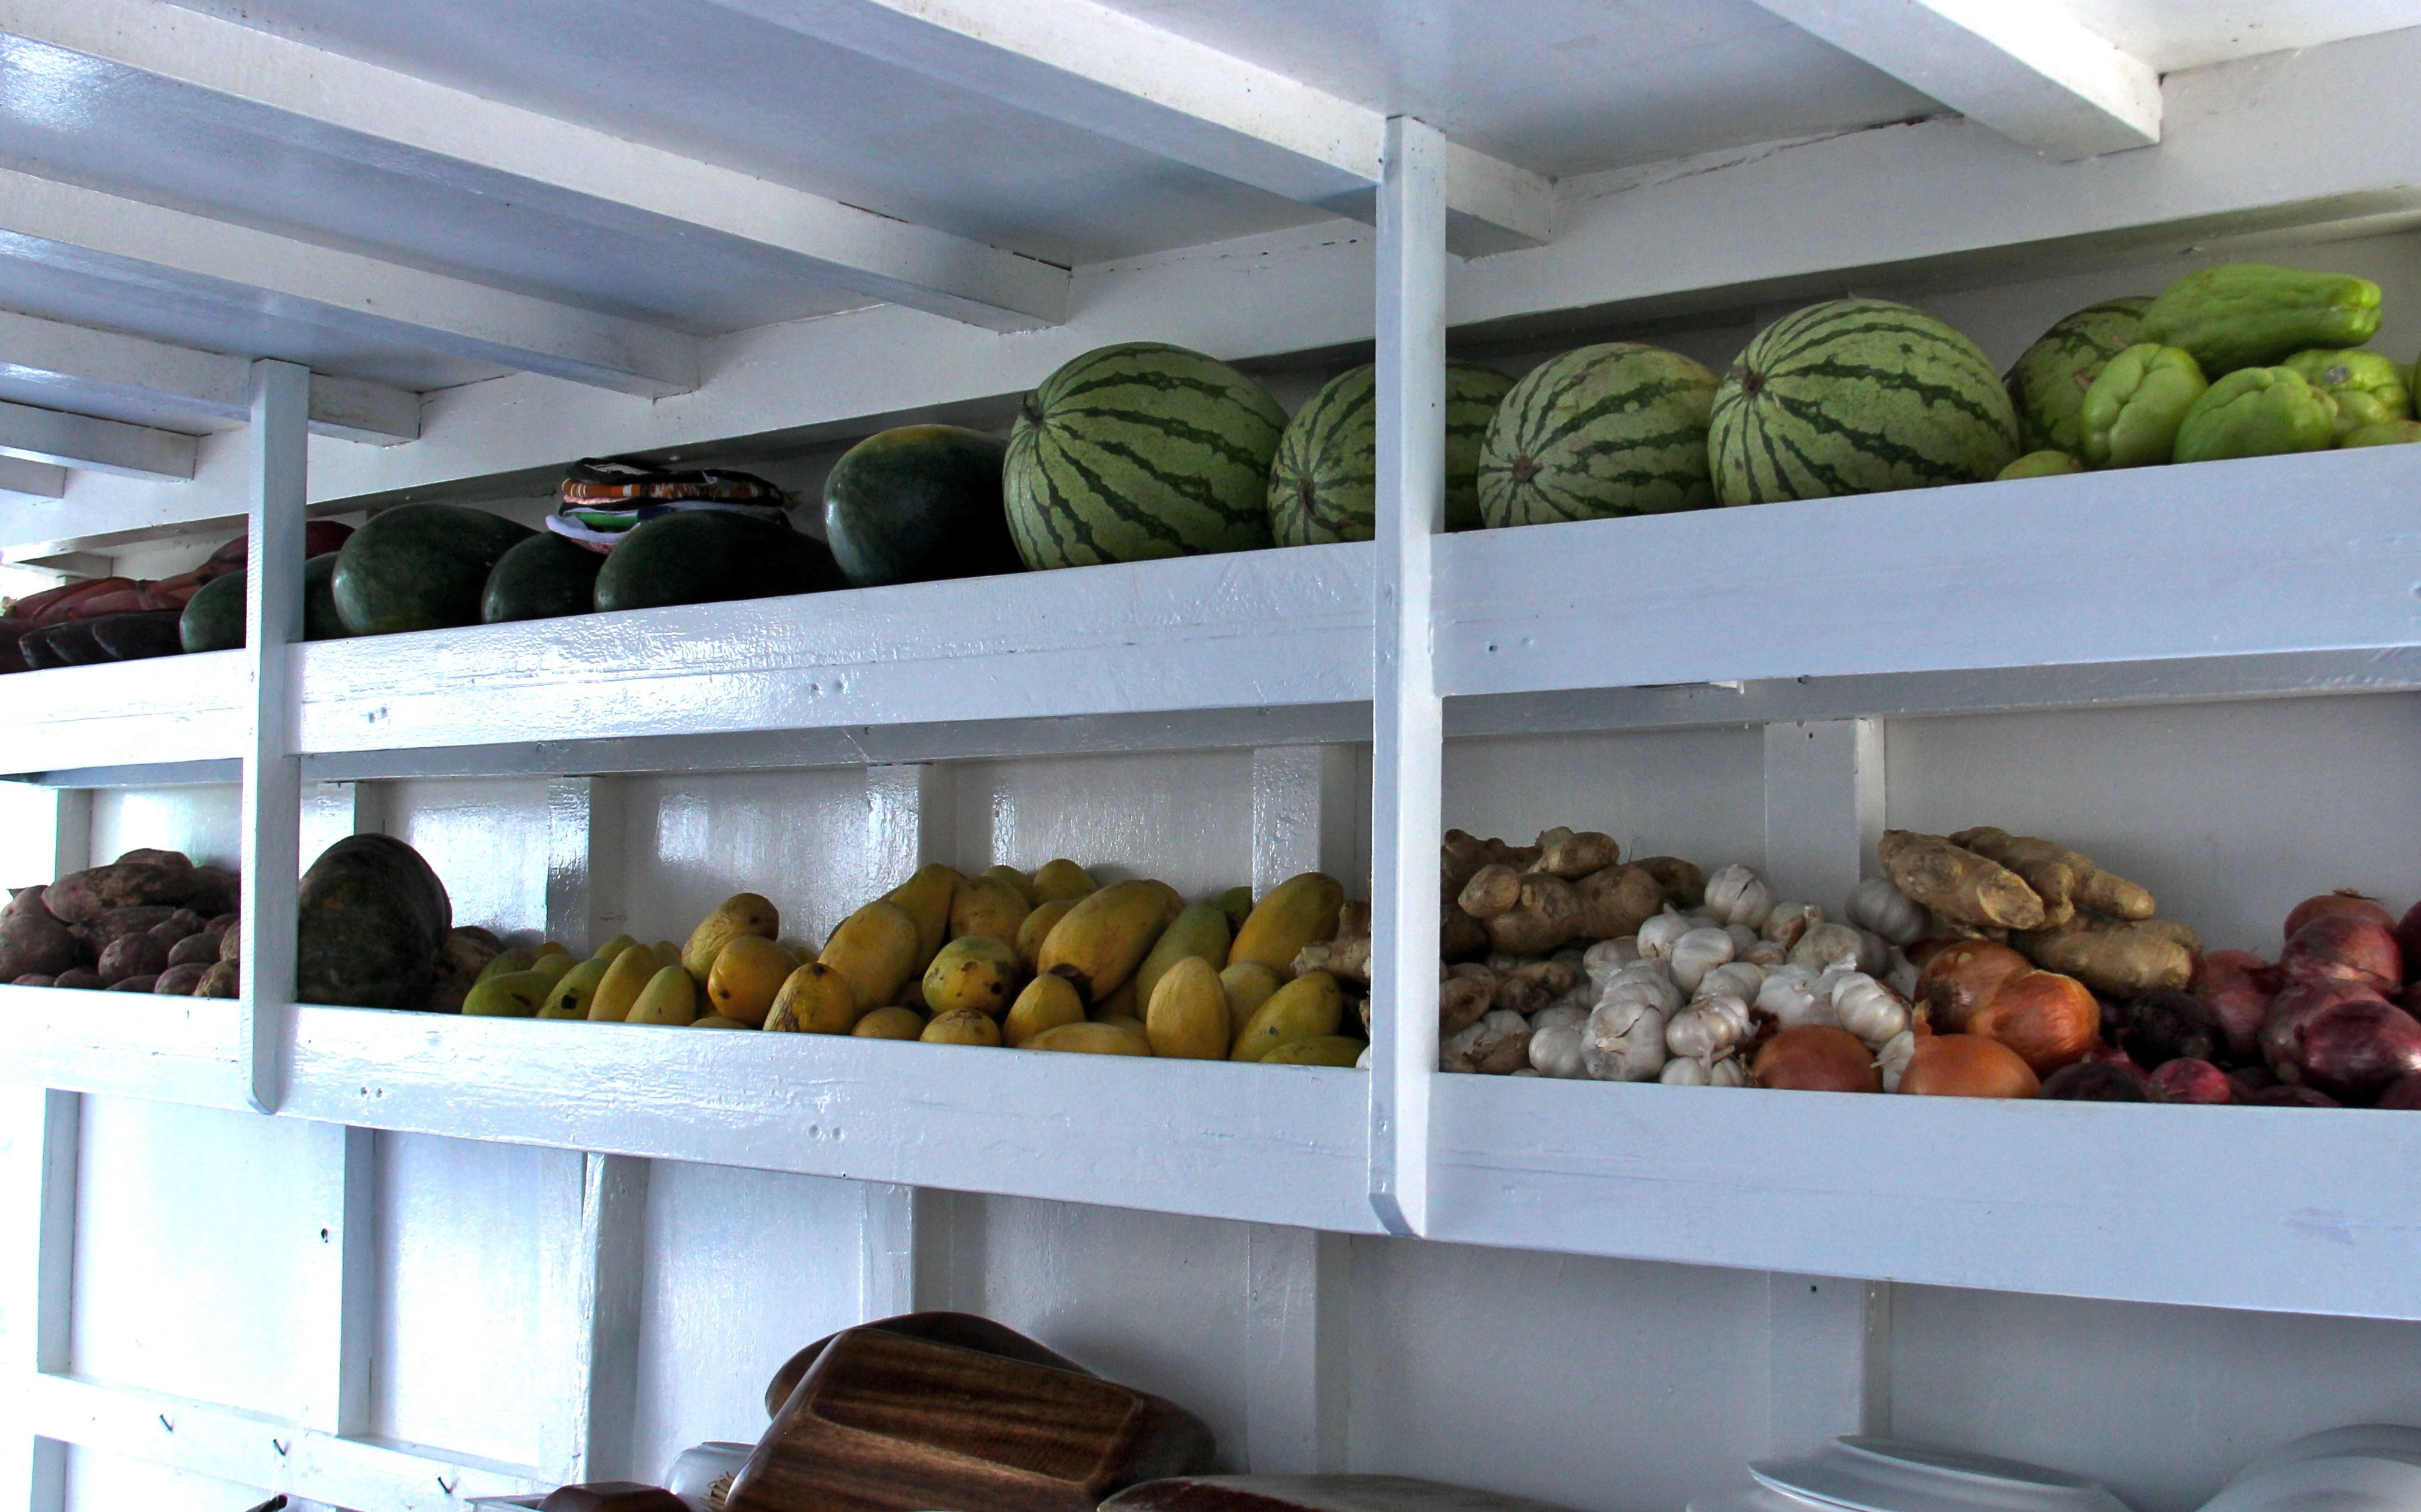 Stockage des fruits et légumes à bord - Tao expeditions